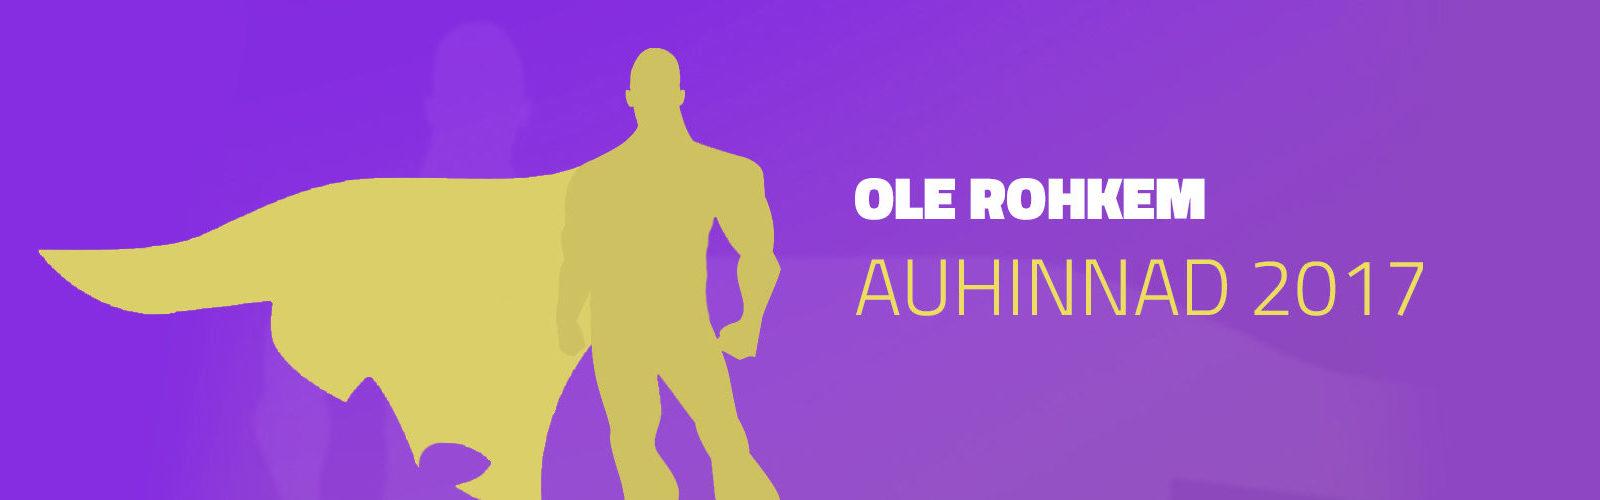 OR Auhinnad